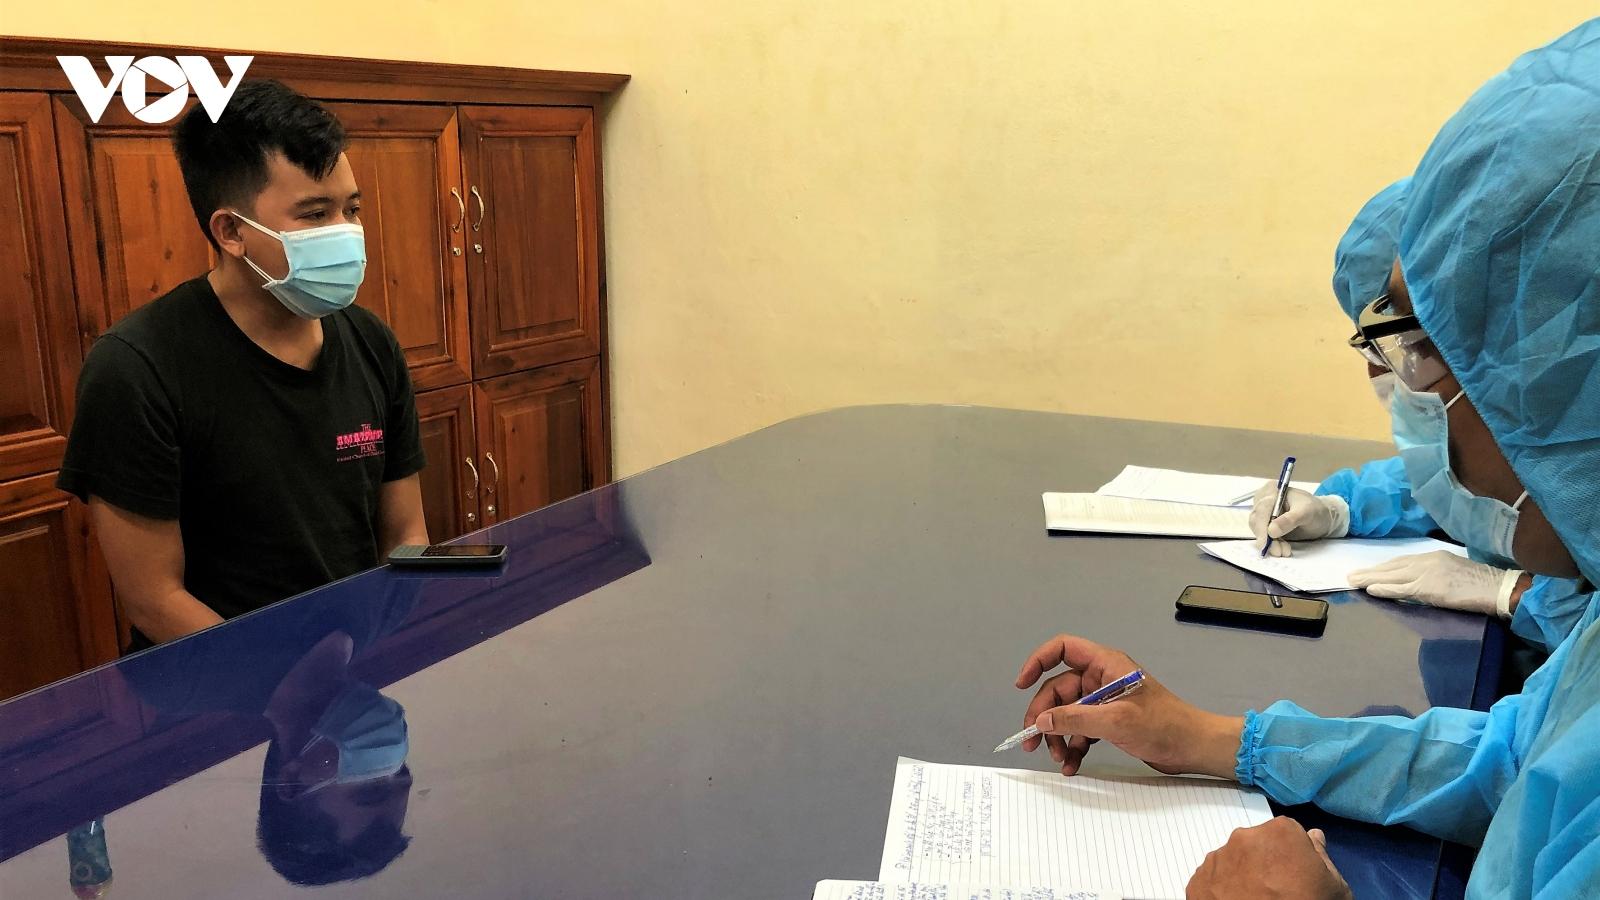 Thanh niên tại Cà Mau phát tán phiếu xét nghiệm bịa đặt bị phạt 7,5 triệu đồng